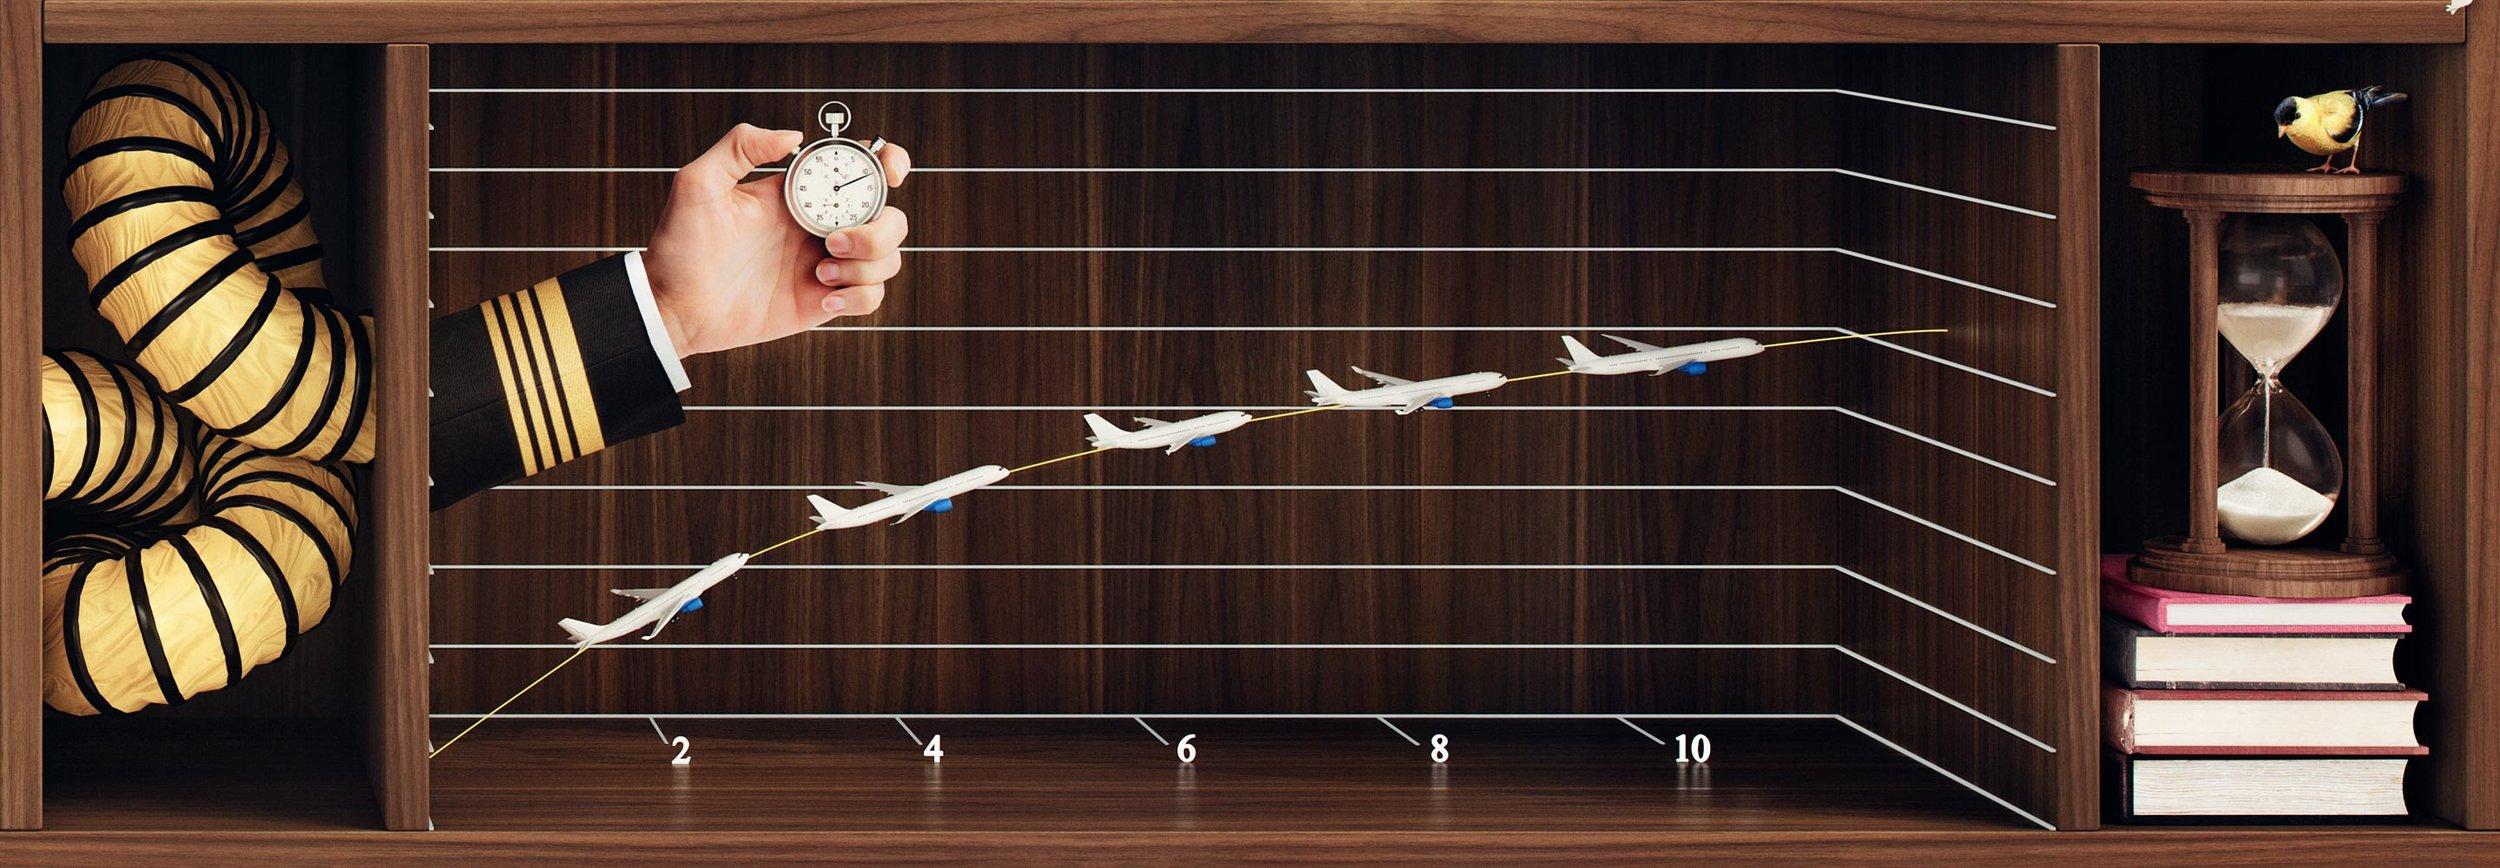 GE_LittleRedRobot_Aviation_Timing.jpg